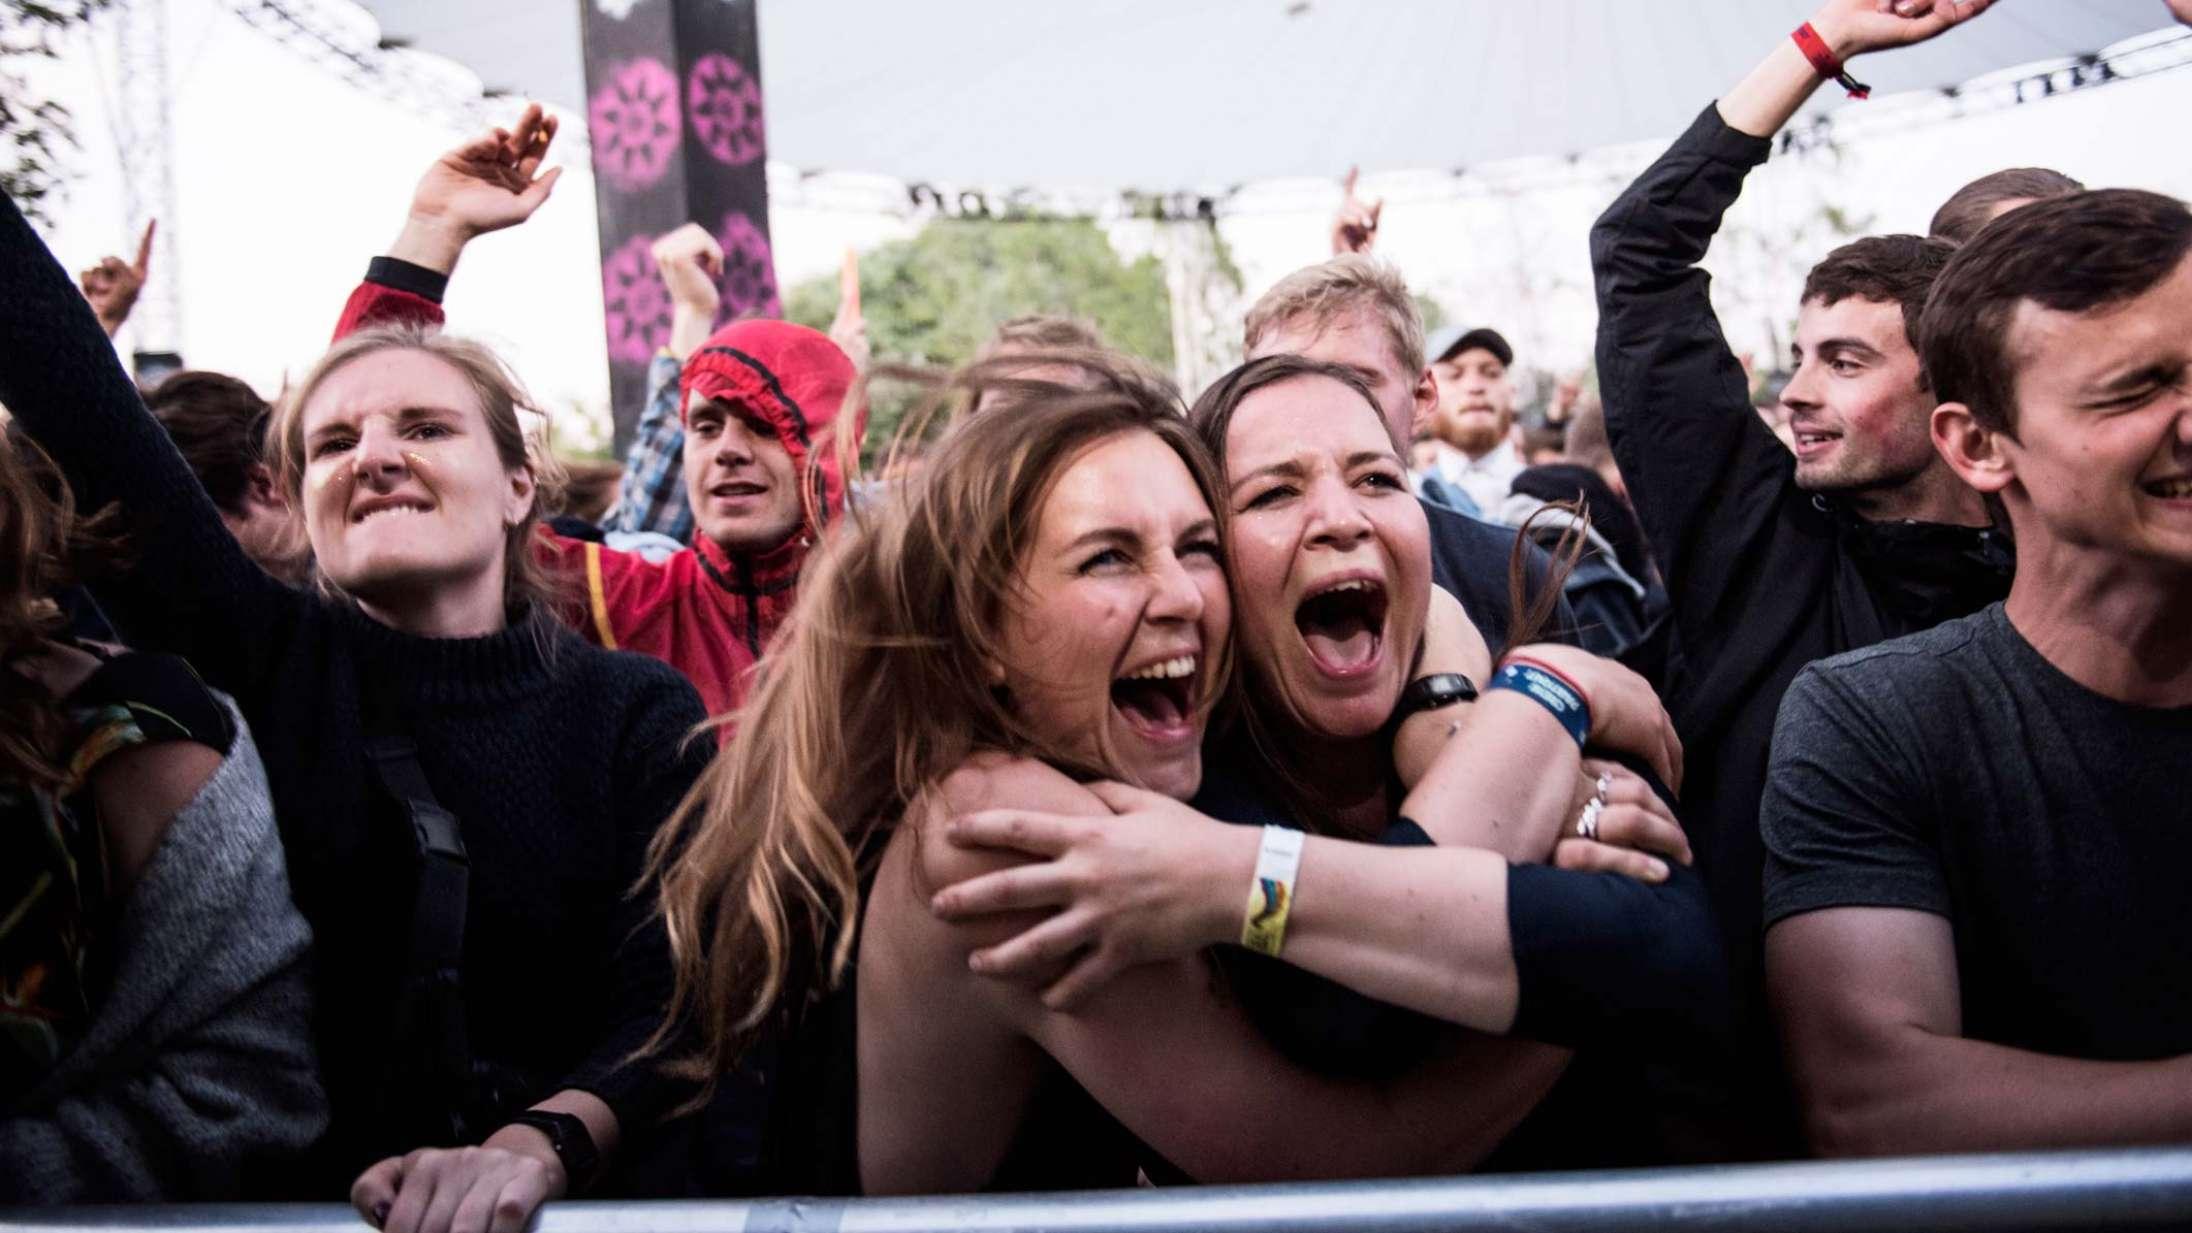 Hvad er det egentlig, vi går glip af, hvis festivalerne ikke bliver til noget? Musikterapeut giver svaret